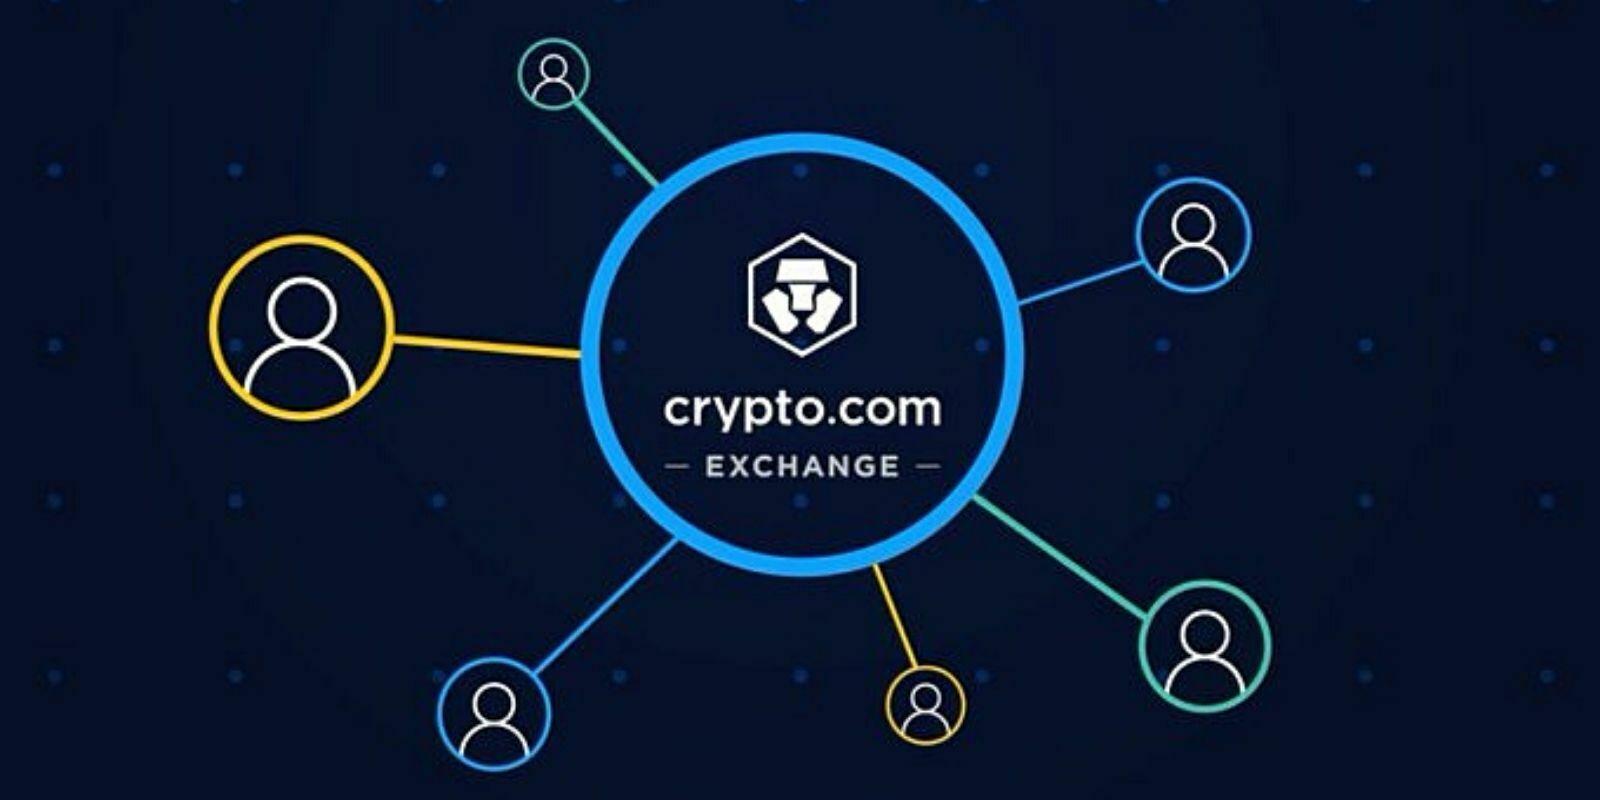 Crypto.com (CRO) lance le programme de parrainage de son exchange